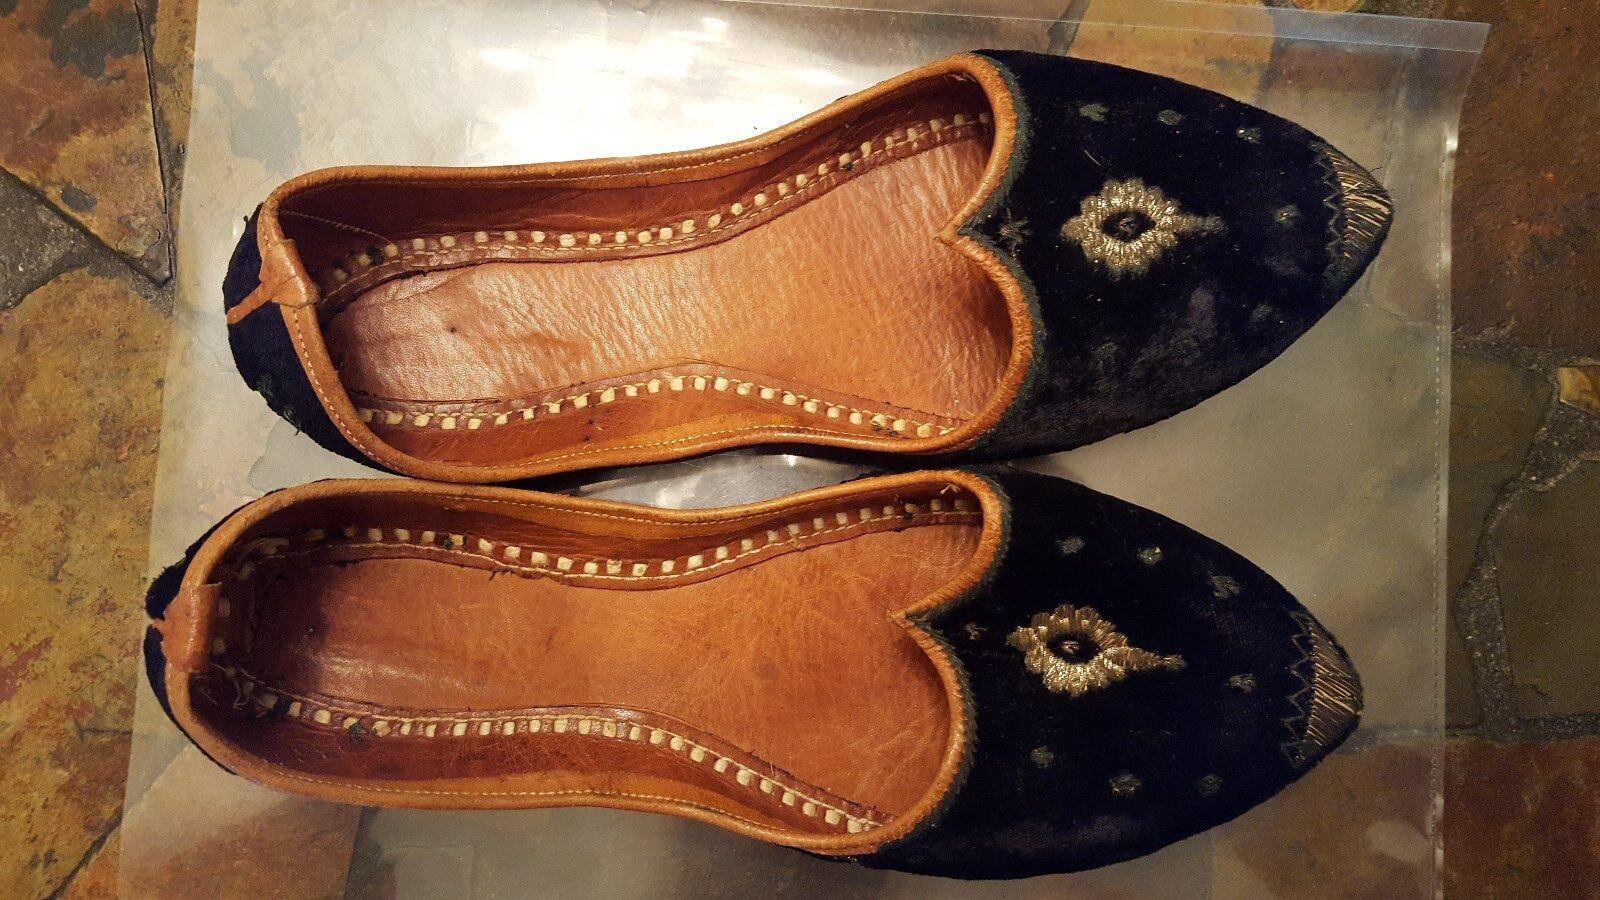 Coleccionable, Vintage, cuero, terciopelo y seda, hecho hecho hecho a mano en la India pisos, tamaño 4  precios mas baratos